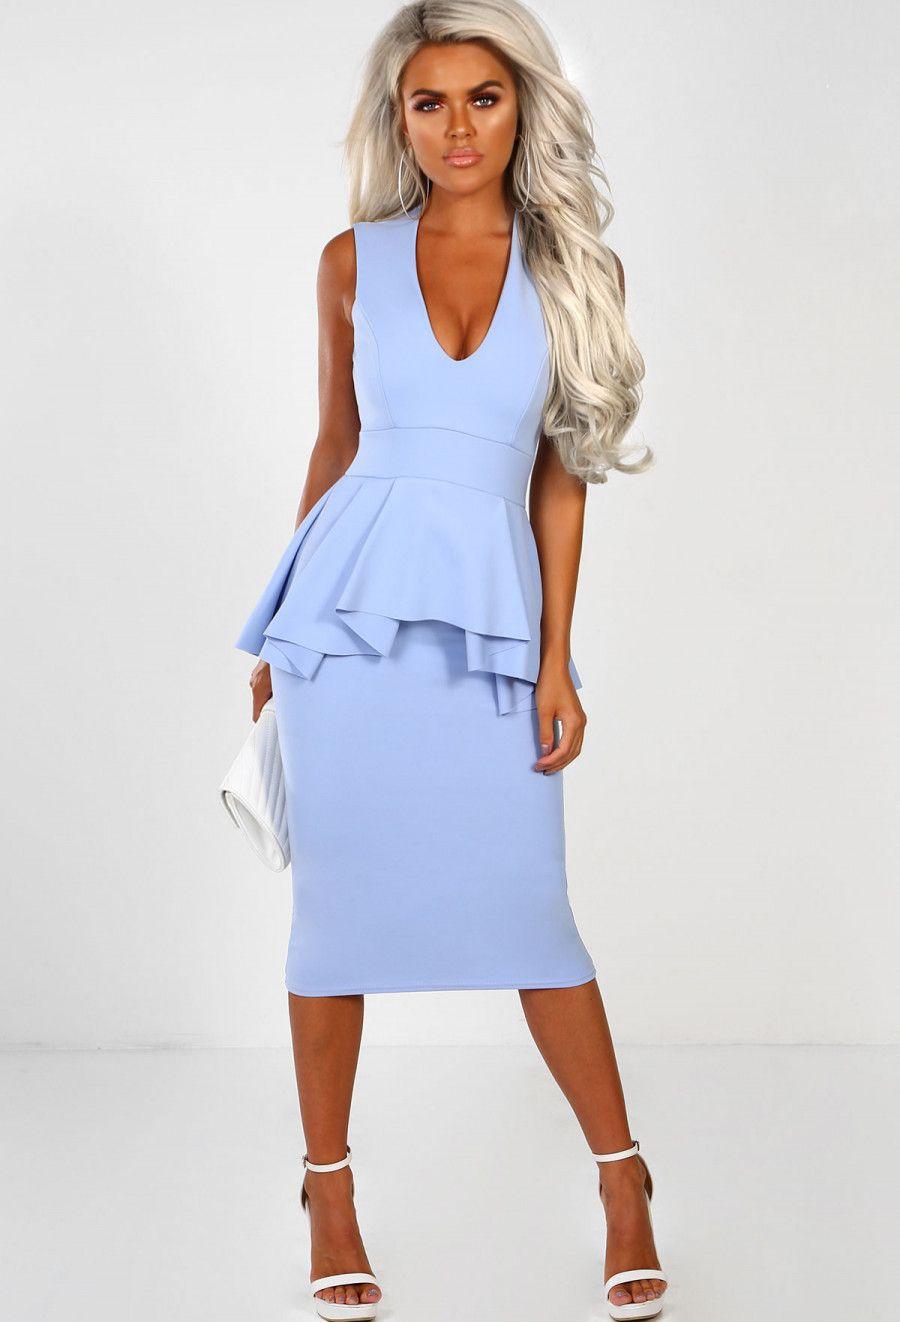 d7f71f9a33e Forbidden Love Powder Blue Pleat Peplum Midi Dress - 8 in 2019